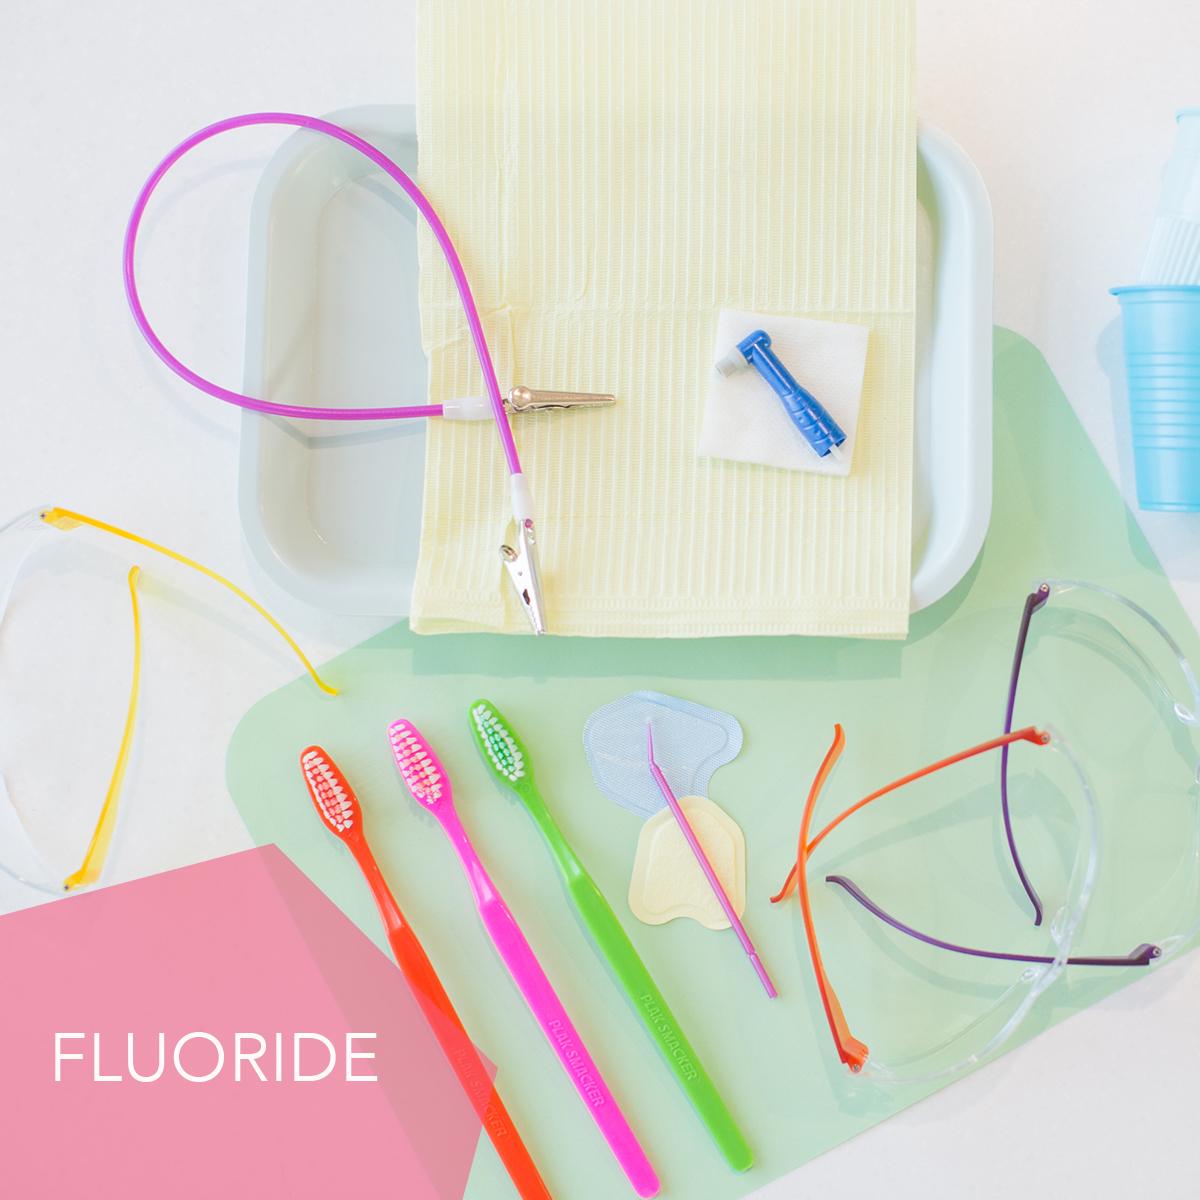 FLUORIDE SPRINGFIELD ILLINOIS.jpg